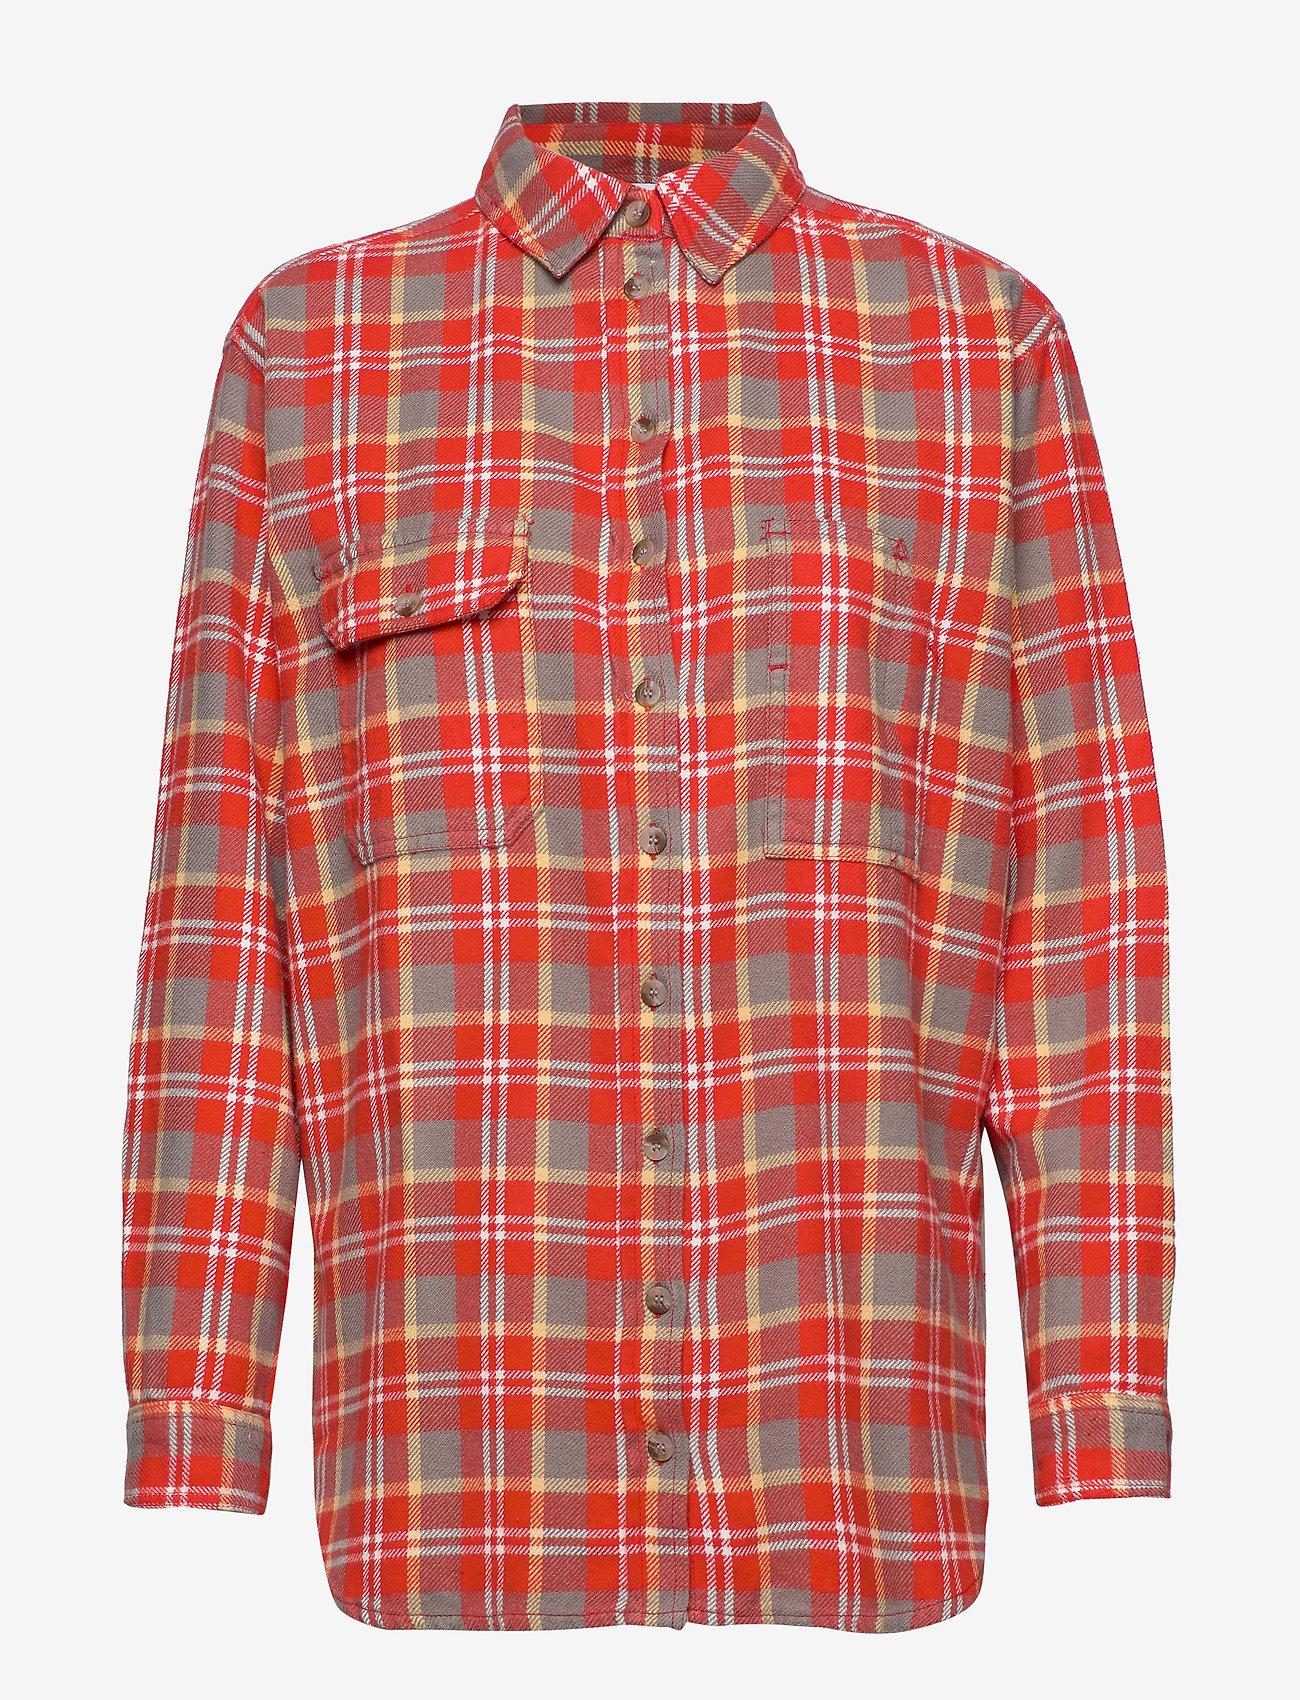 Envii ENABSTRACT LS SHIRT 6710 - Bluzki & Koszule TIGERLILY CHECK - Kobiety Odzież.